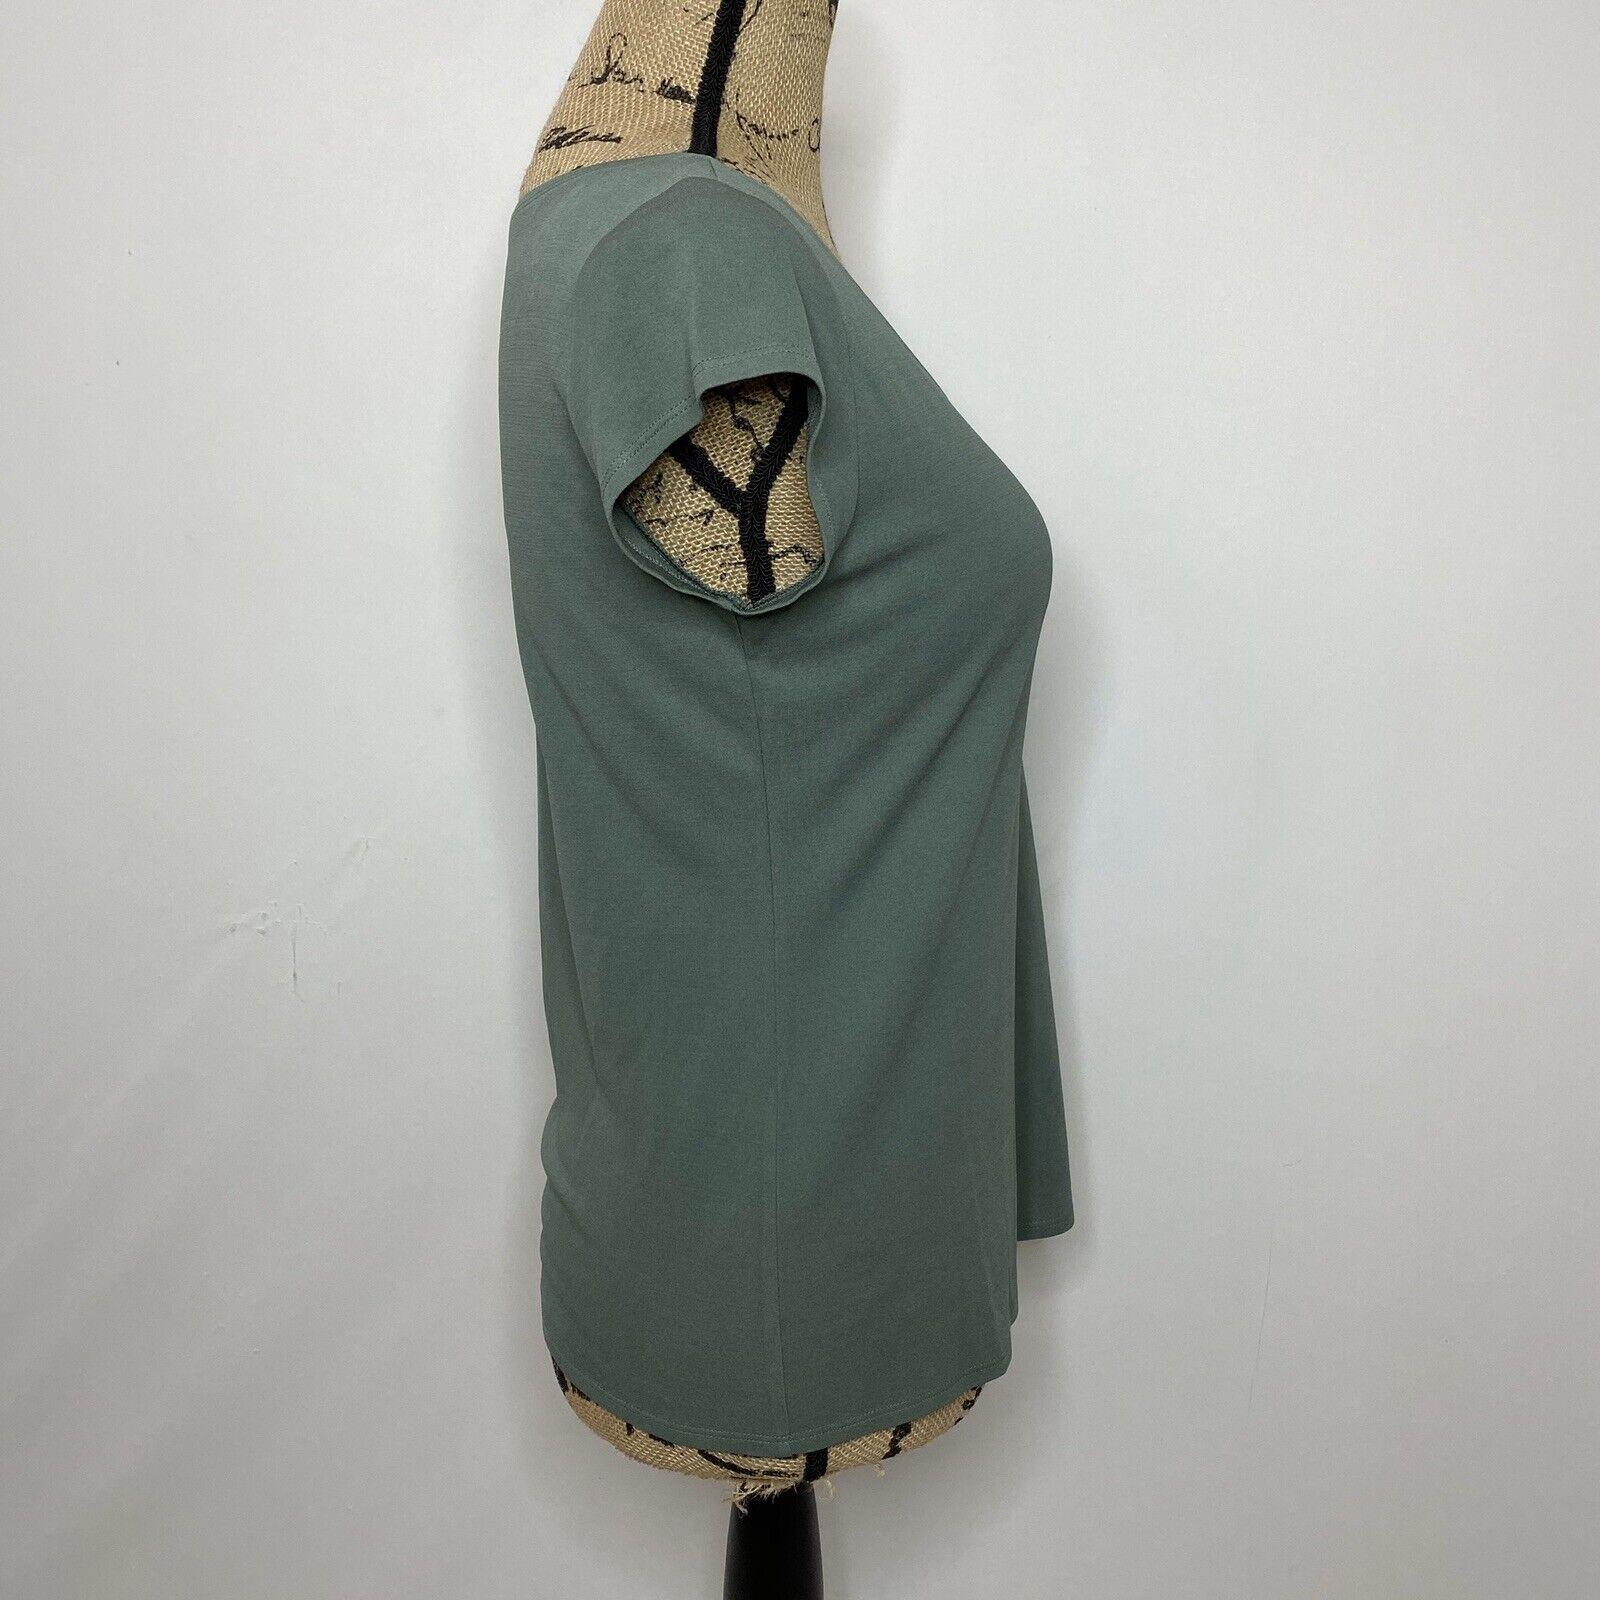 Eileen Fisher Silk Top XS Green Short Sleeve Shirt - image 4